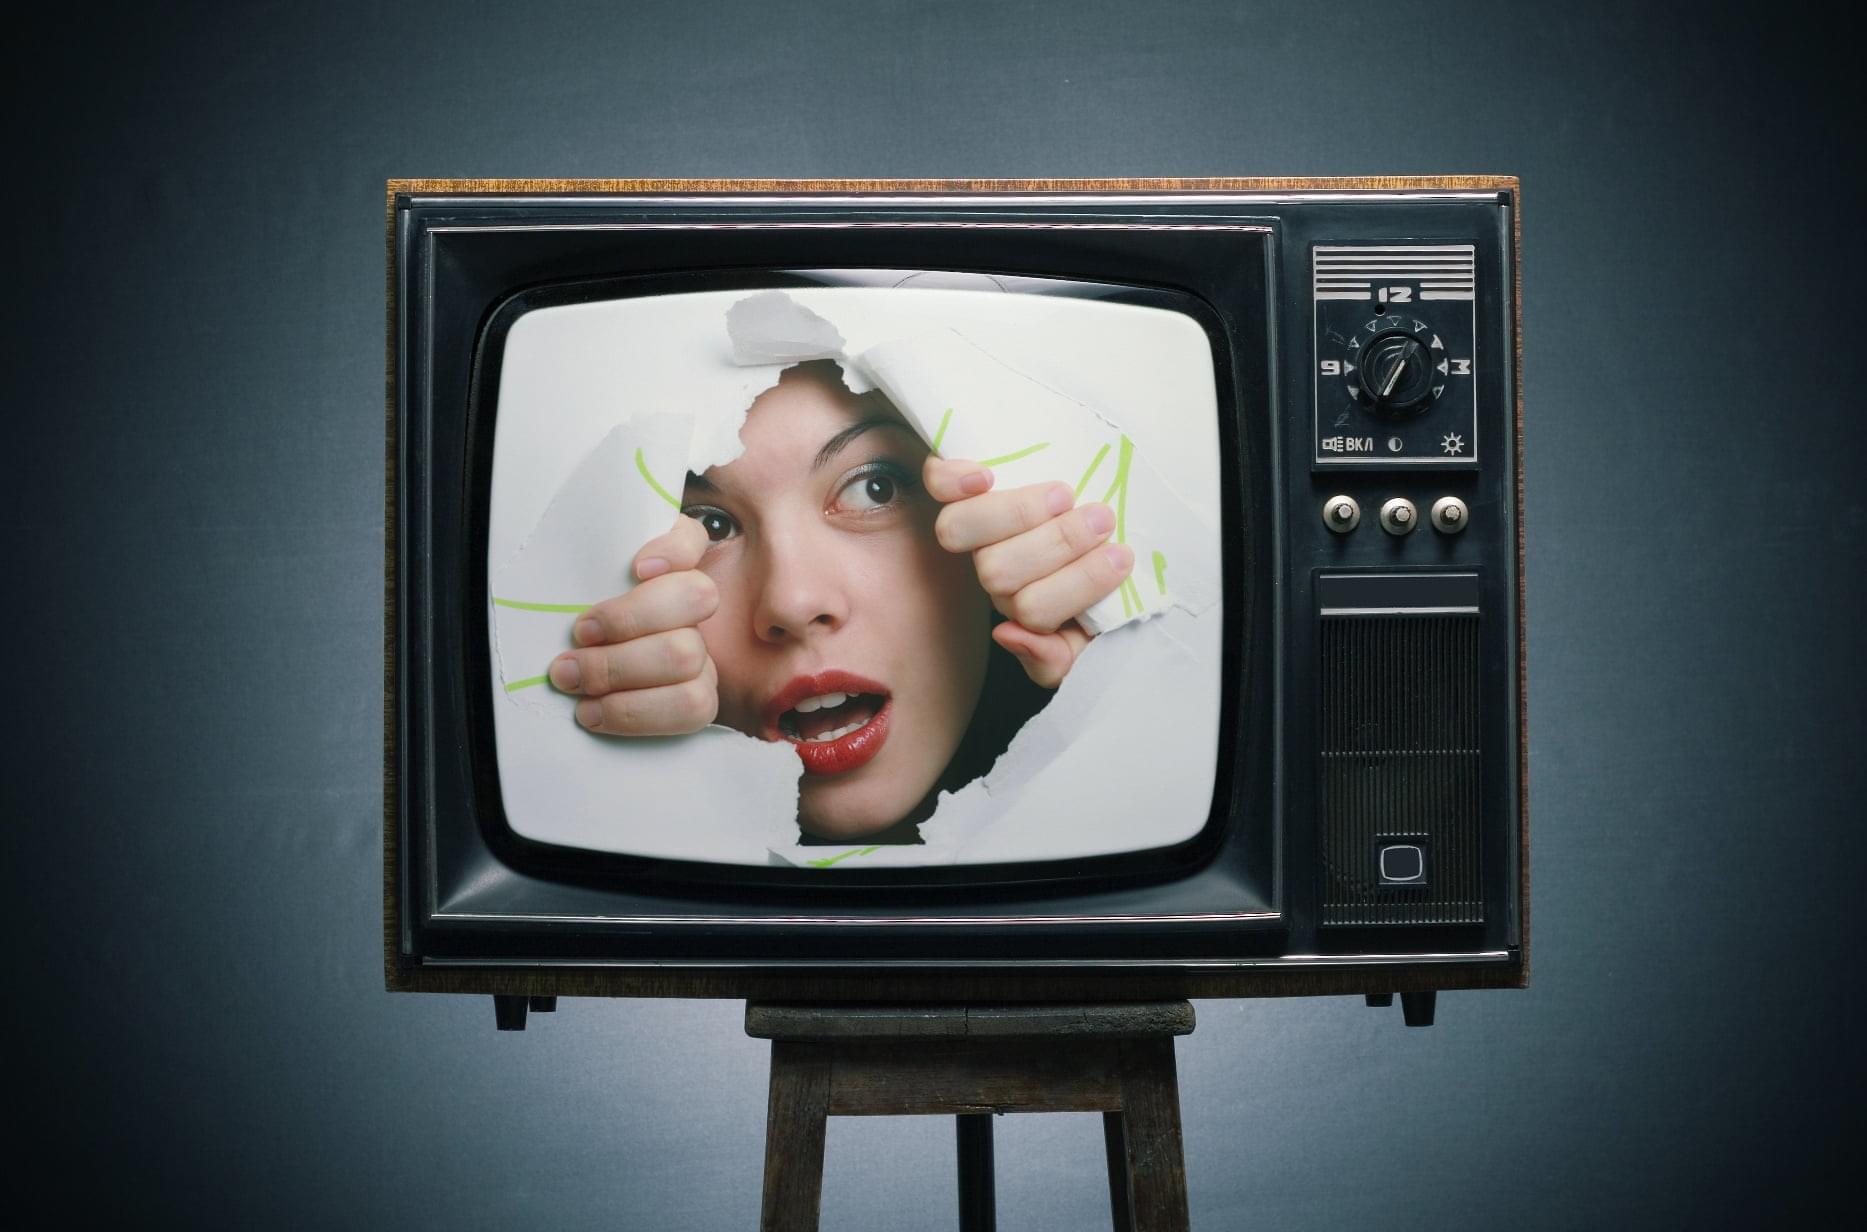 Картинки прикольные про телевизор, именем руслан